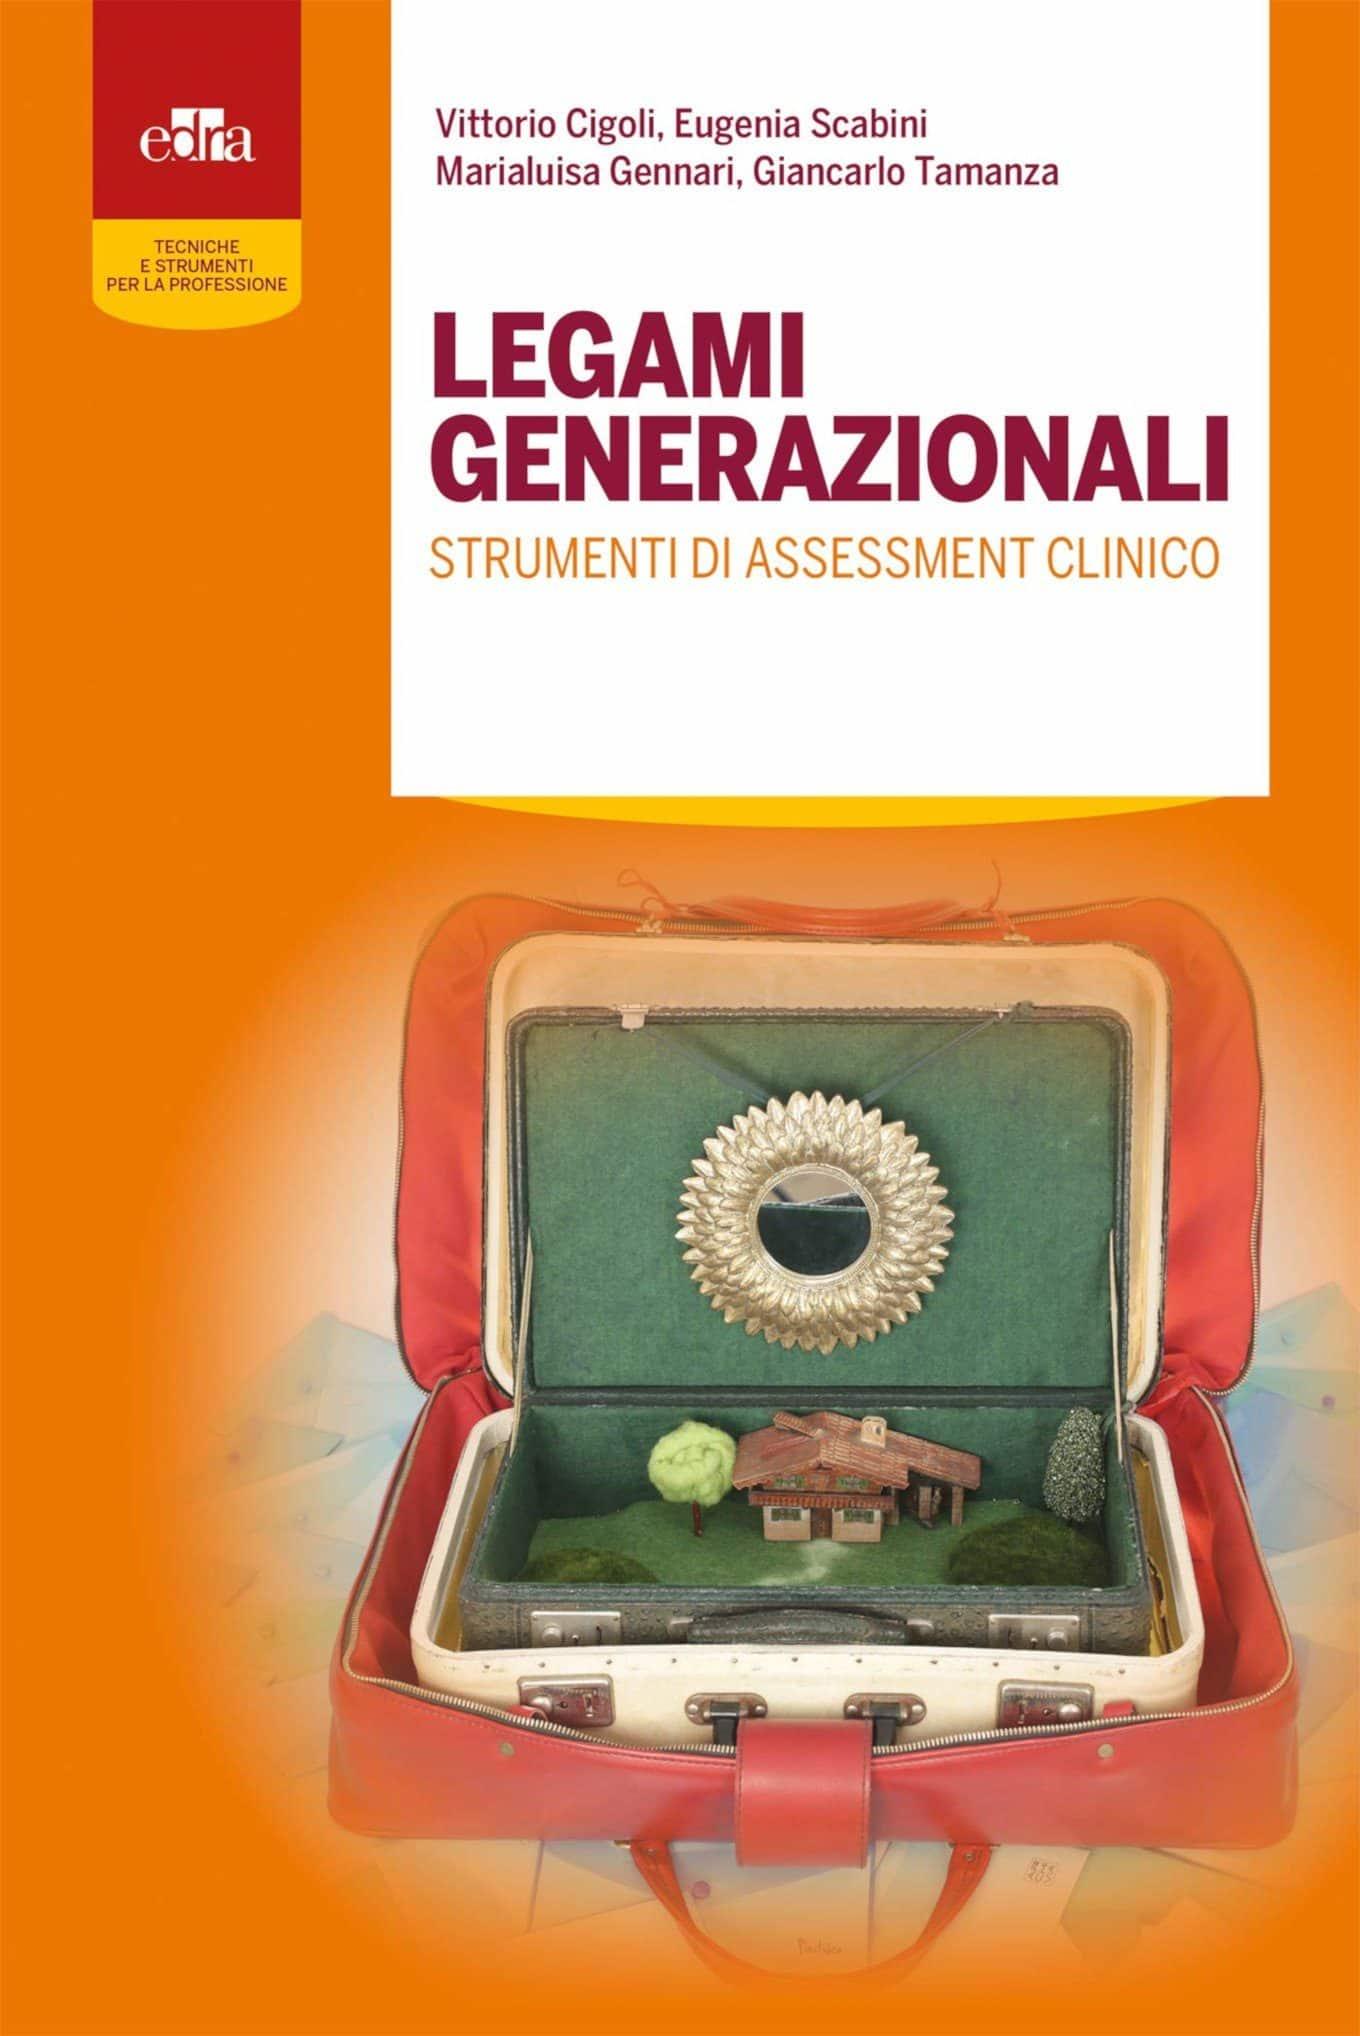 Legami generazionali. Strumenti di assessment clinico (2018) di Vittorio Cigoli, Eugenia Scabini, Marialuisa Gennari, Giancarlo Tamanza – Recensione del libro